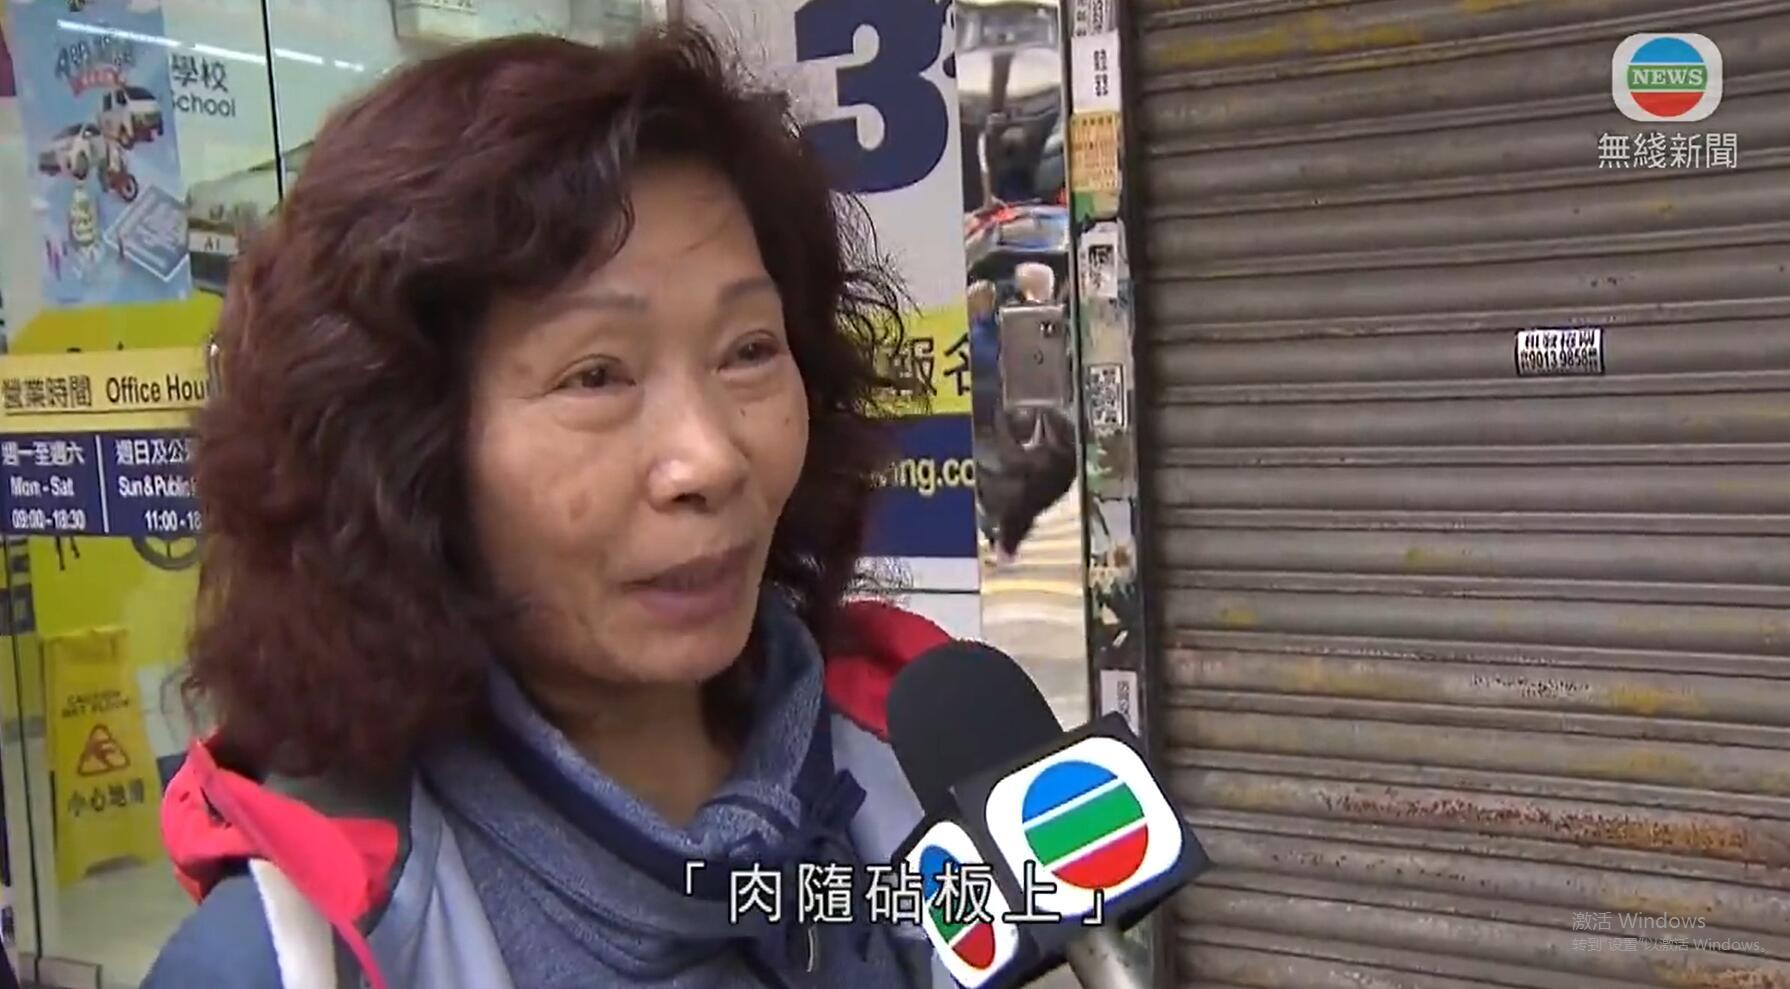 香港两大私营电力公司宣布提价市民对加电费不满